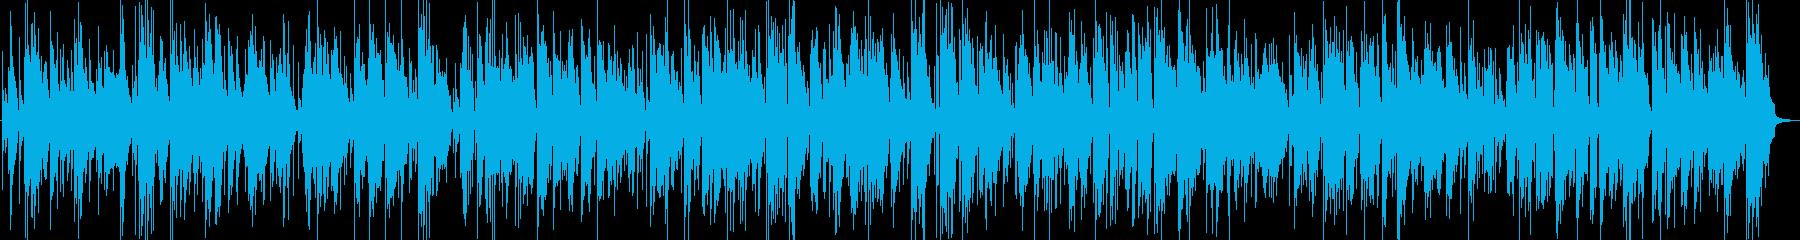 生演奏サックスとピアノのしっとりバラードの再生済みの波形